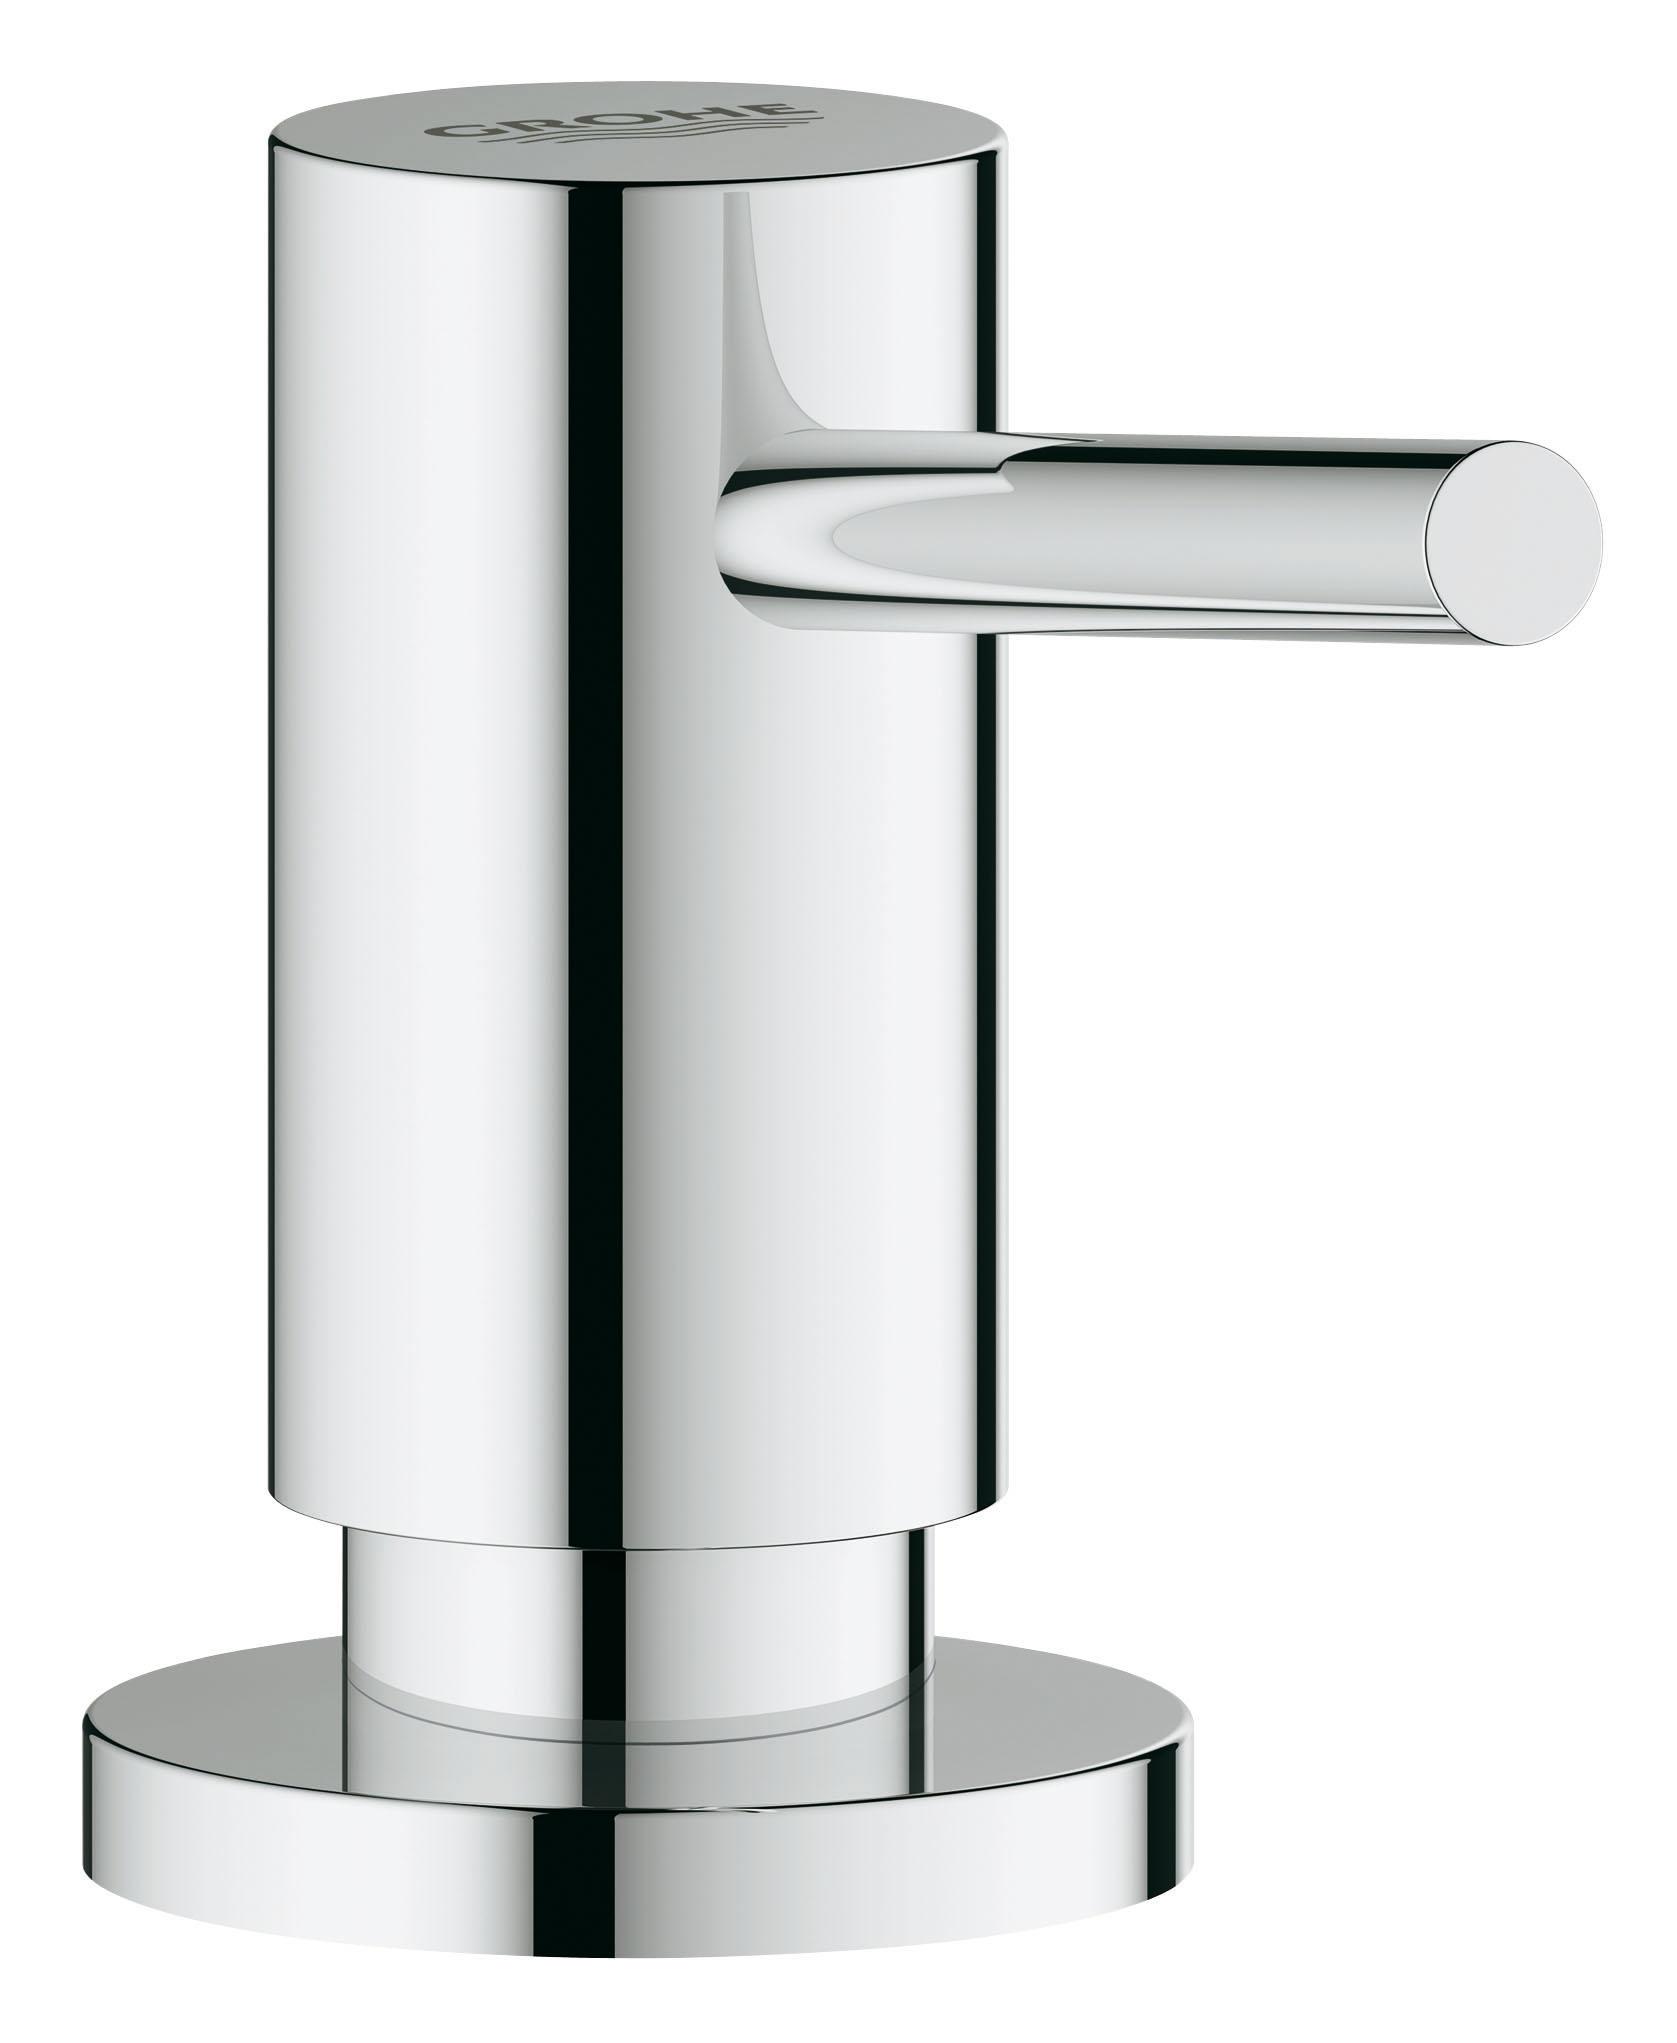 Дозатор жидкого мыла GROHE. 4053500040535000Для жидкого мыла, Запасная емкость 0,4 л GROHE StarLight хромированная поверхность